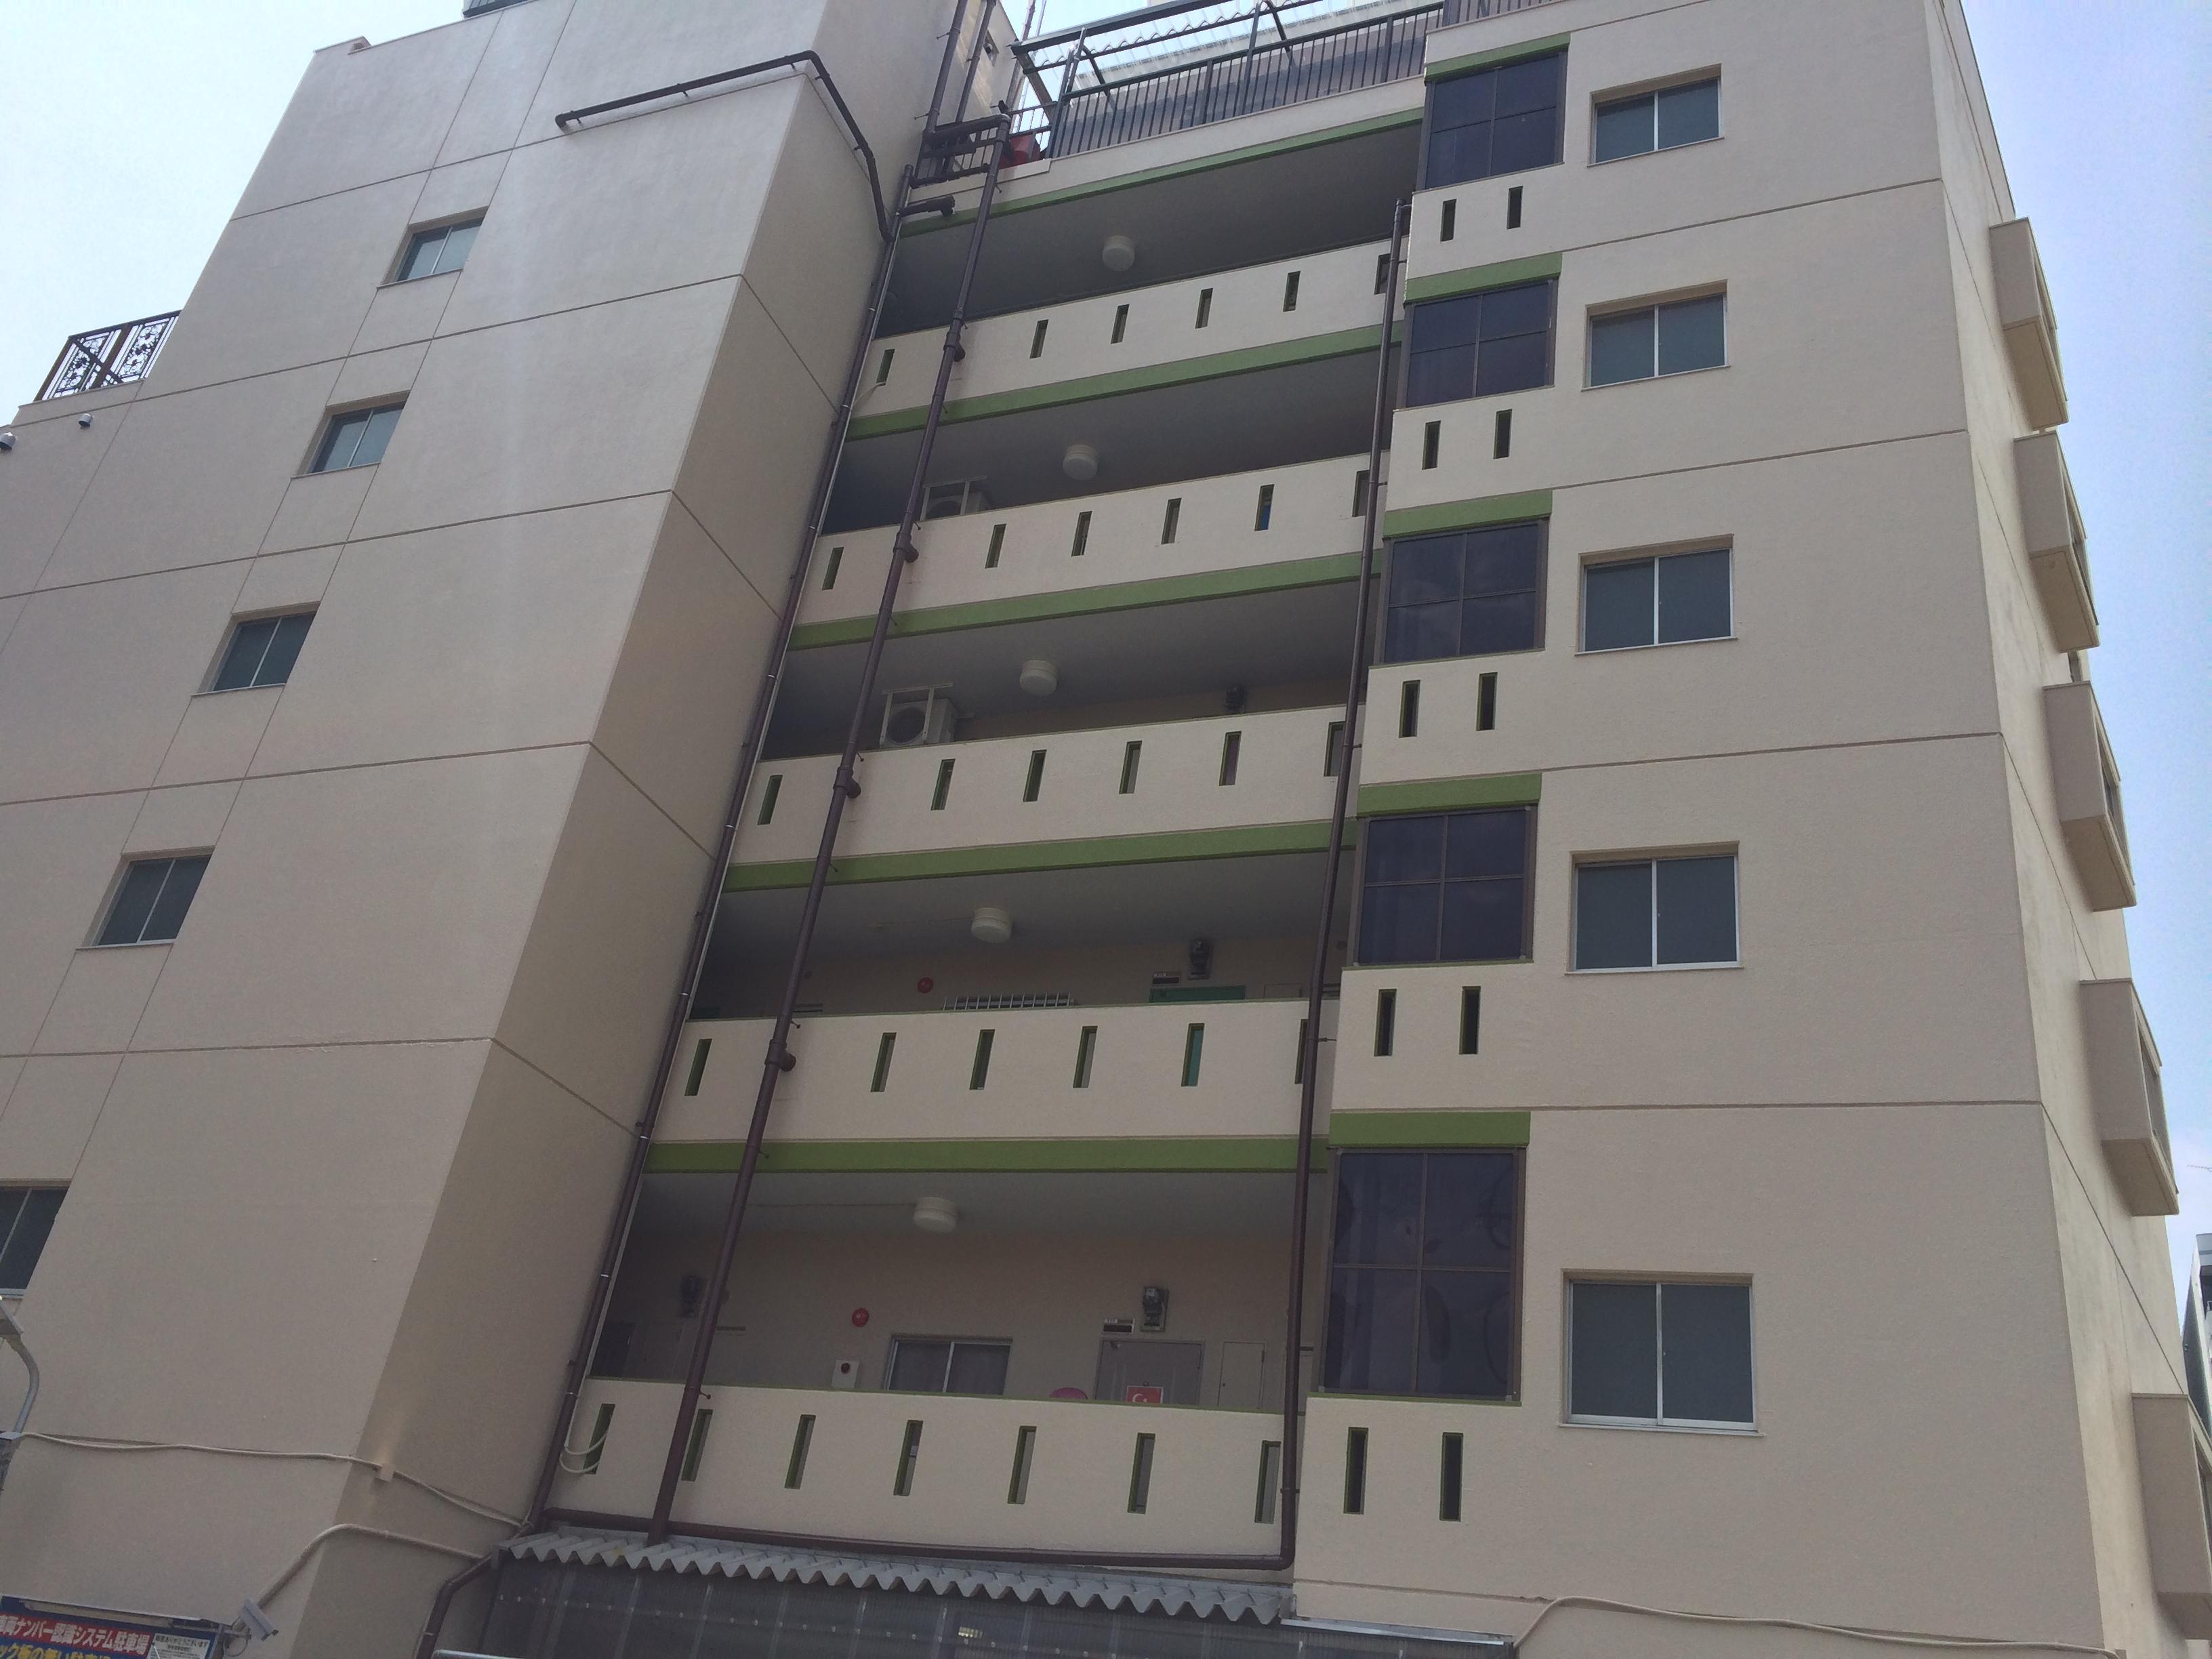 名古屋市中区某ビル、外壁塗装をご紹介します。 以前塗り替えをされてから、約10年ほどでの今回の塗り...